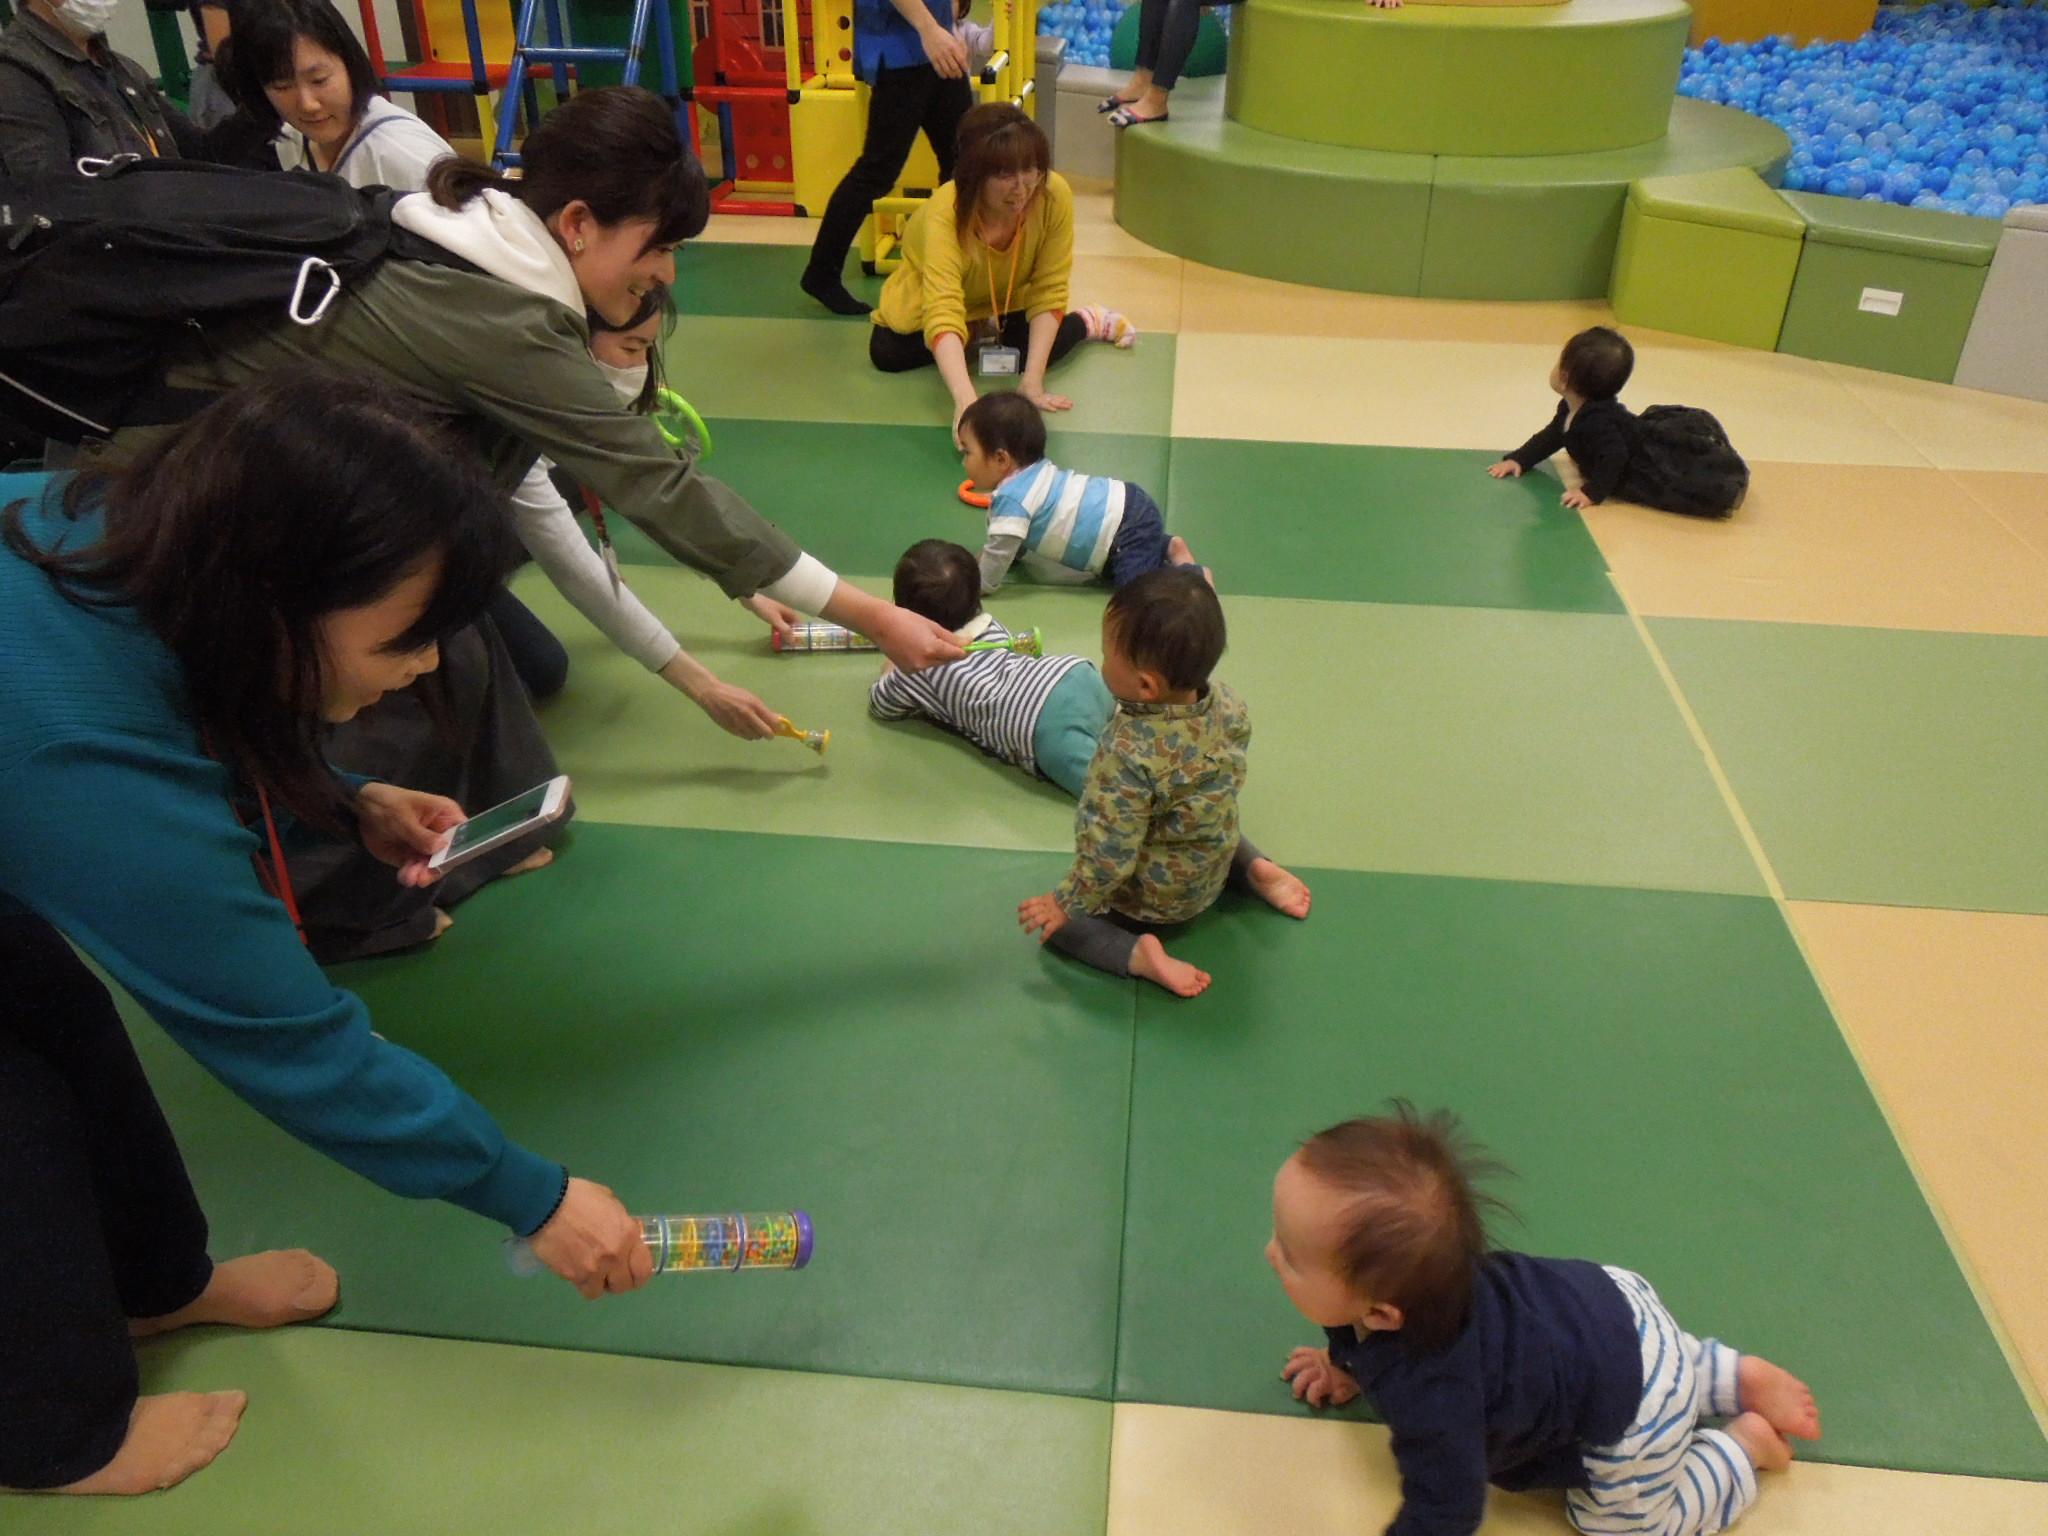 【火・木曜開催!赤ちゃんの日イベント】5/21(火)ハイハイレース